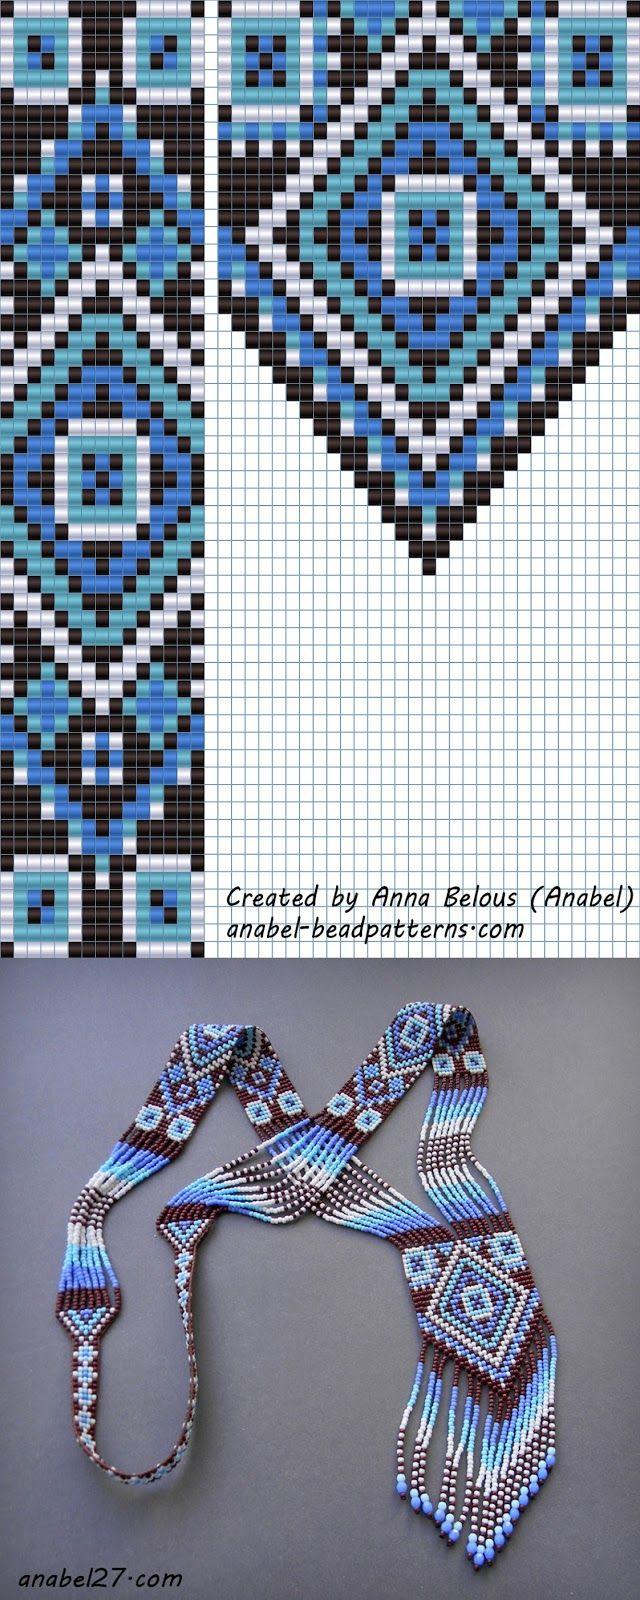 Три схемы герданов - станочное ткачество | - Схемы для бисероплетения / Free bead patterns -